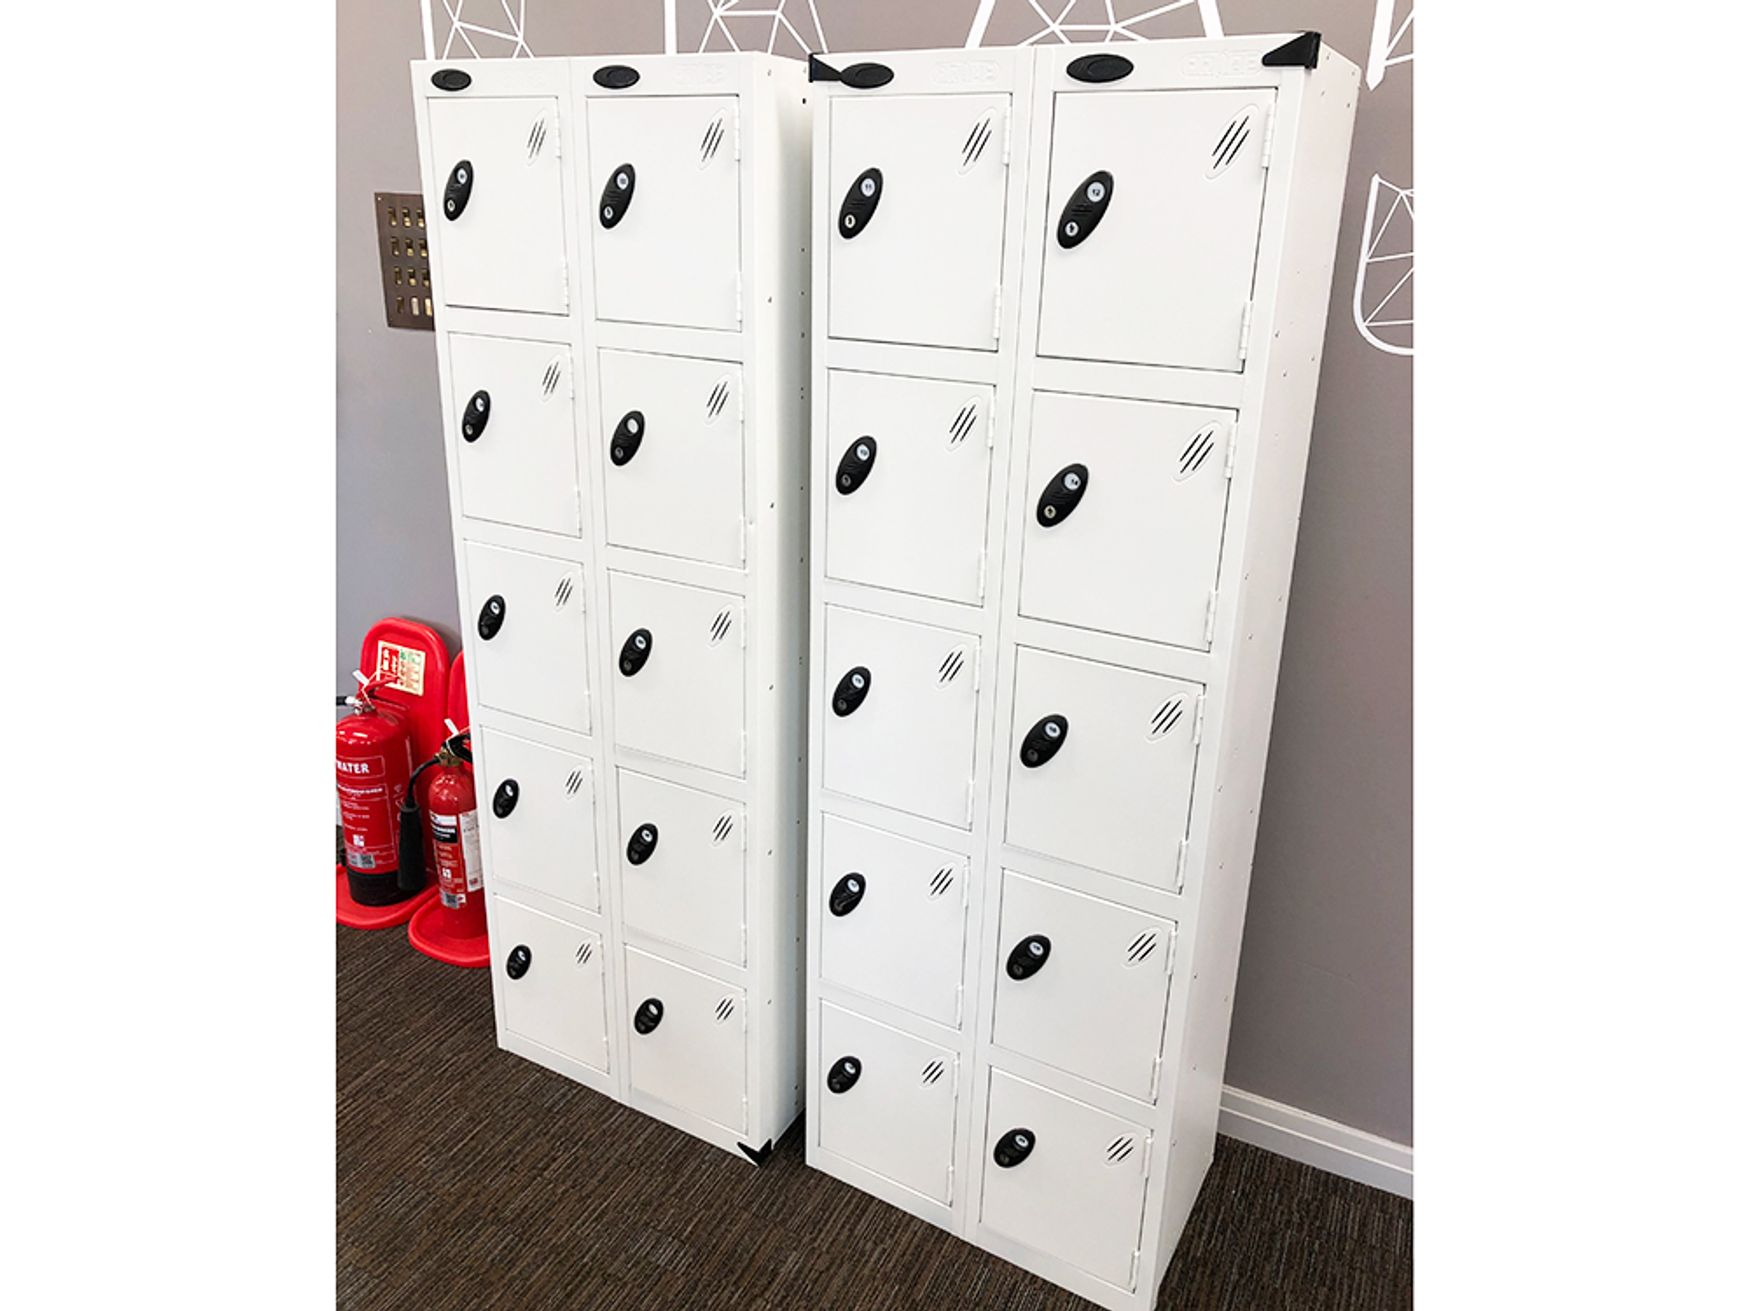 Used Probe 10 Door Steel Lockers